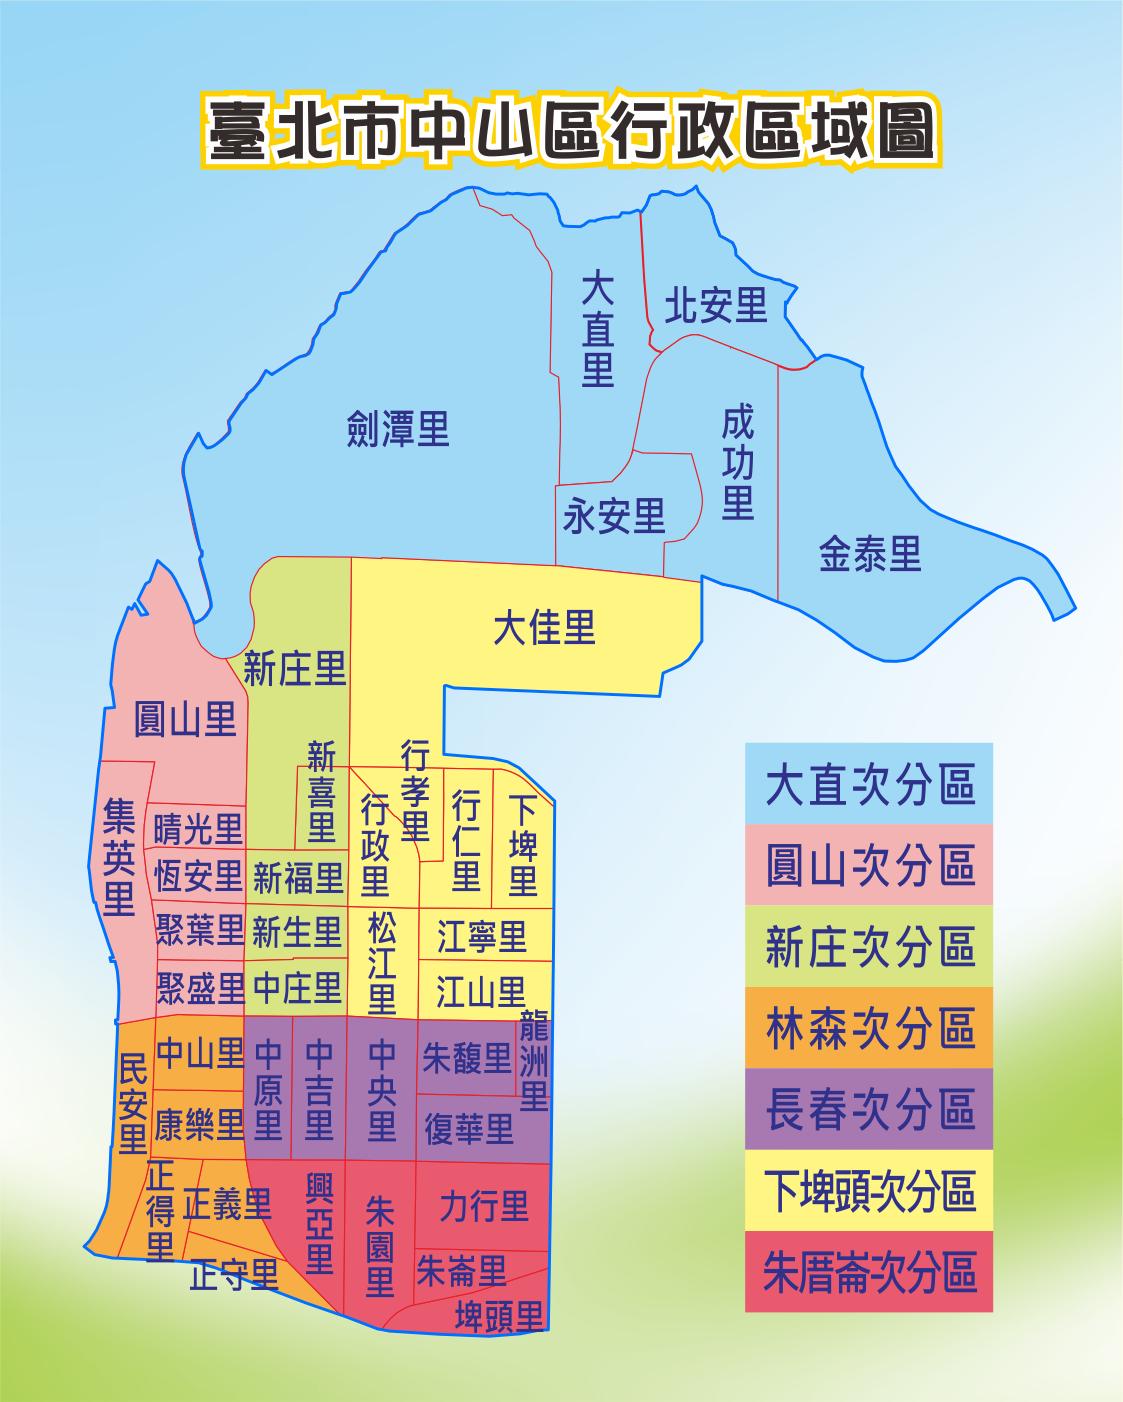 臺北市中山區行政區域圖